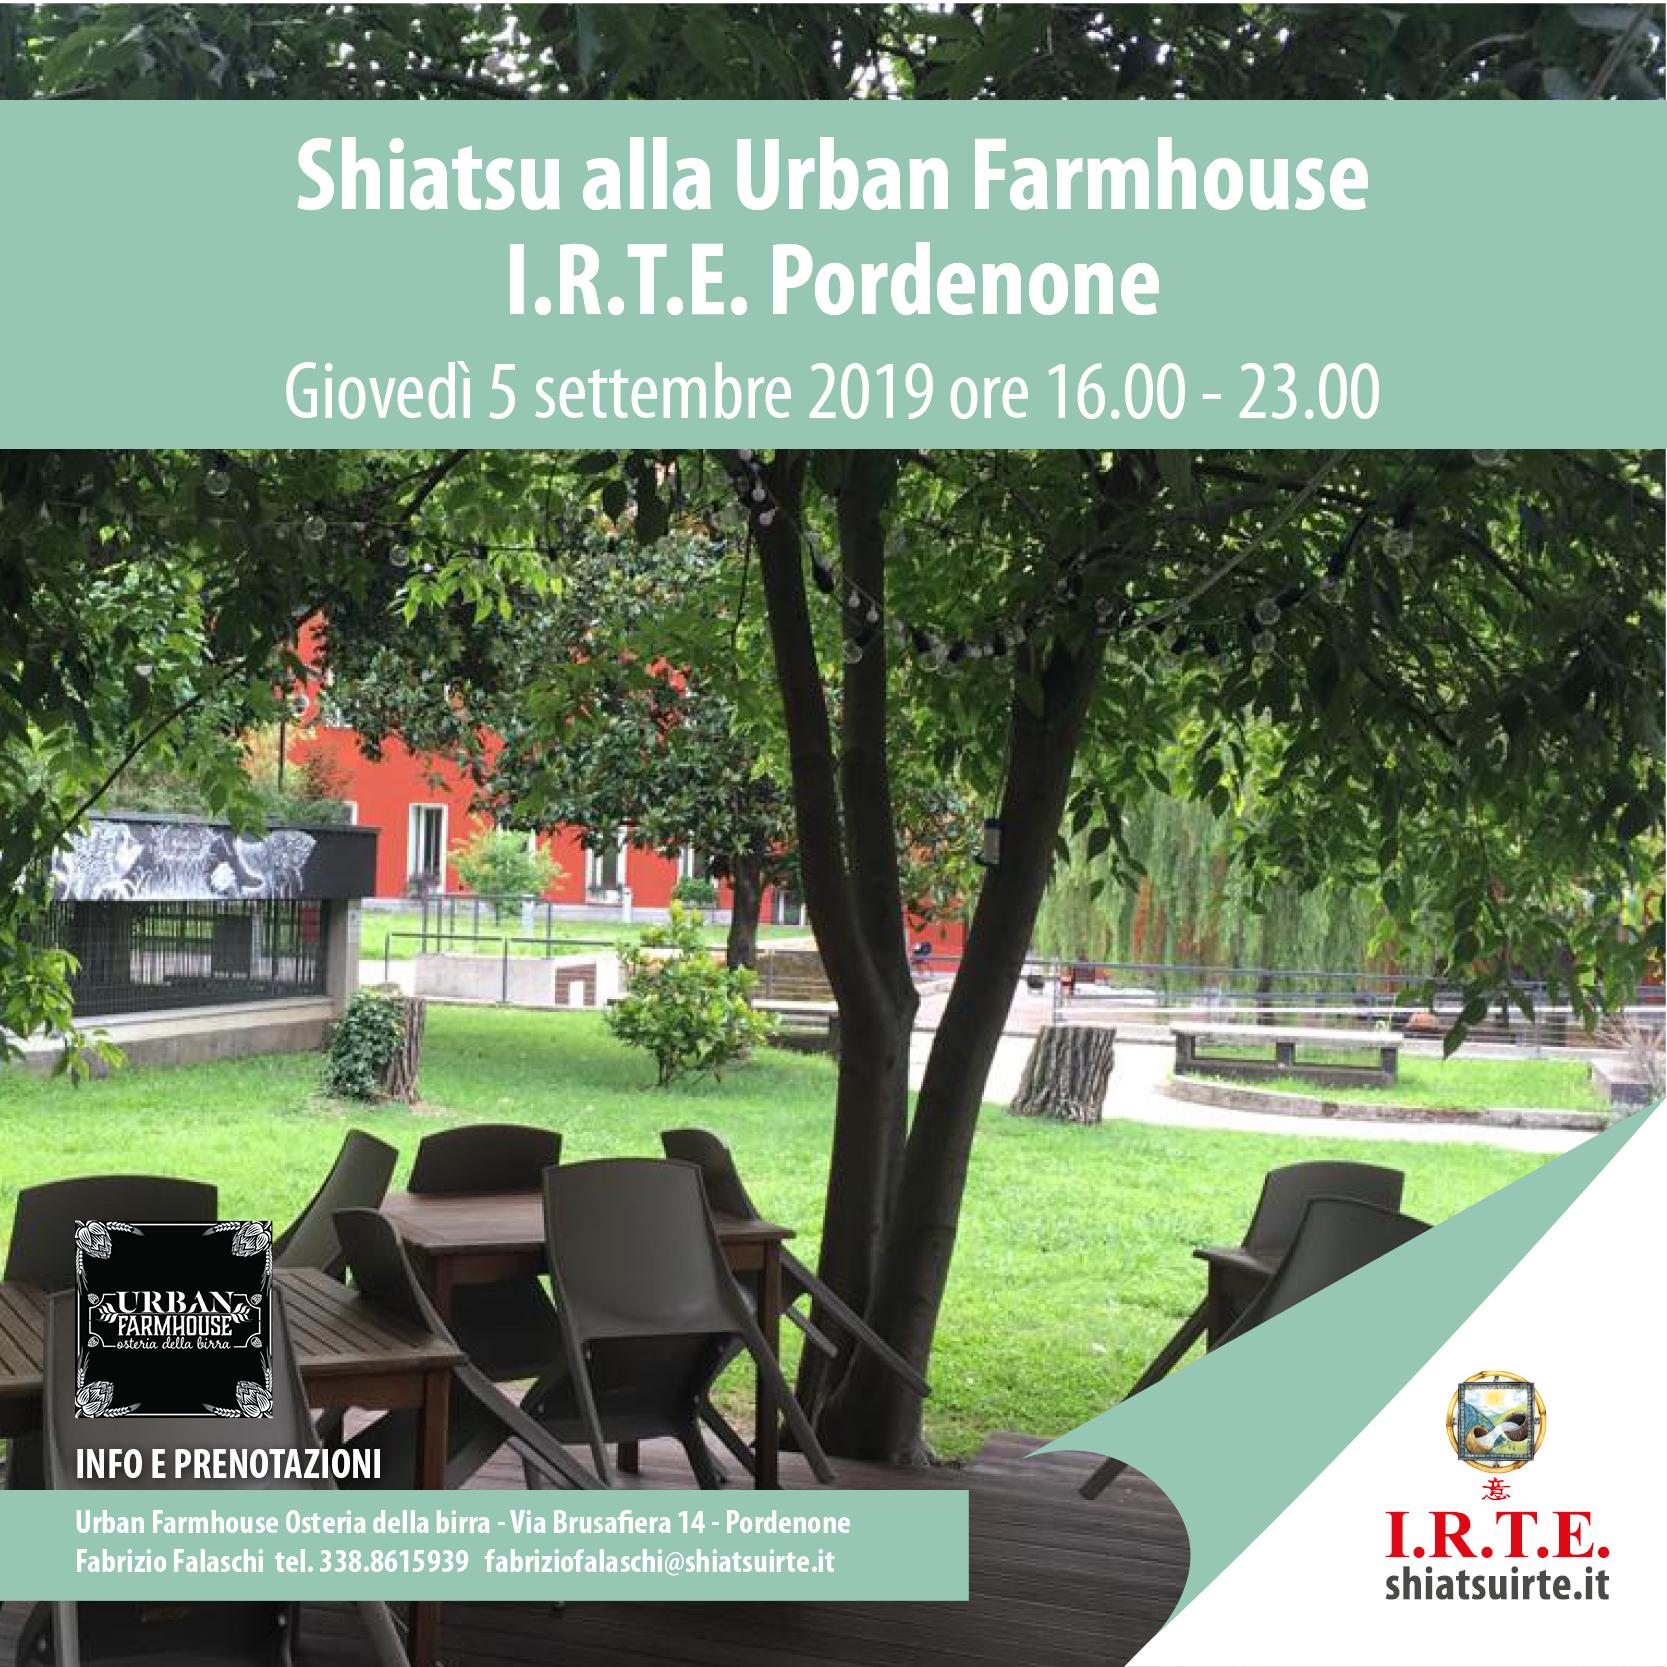 5 settembre 2019: Shiatsu all'aperto all'Urban Farmhouse di Pordenone